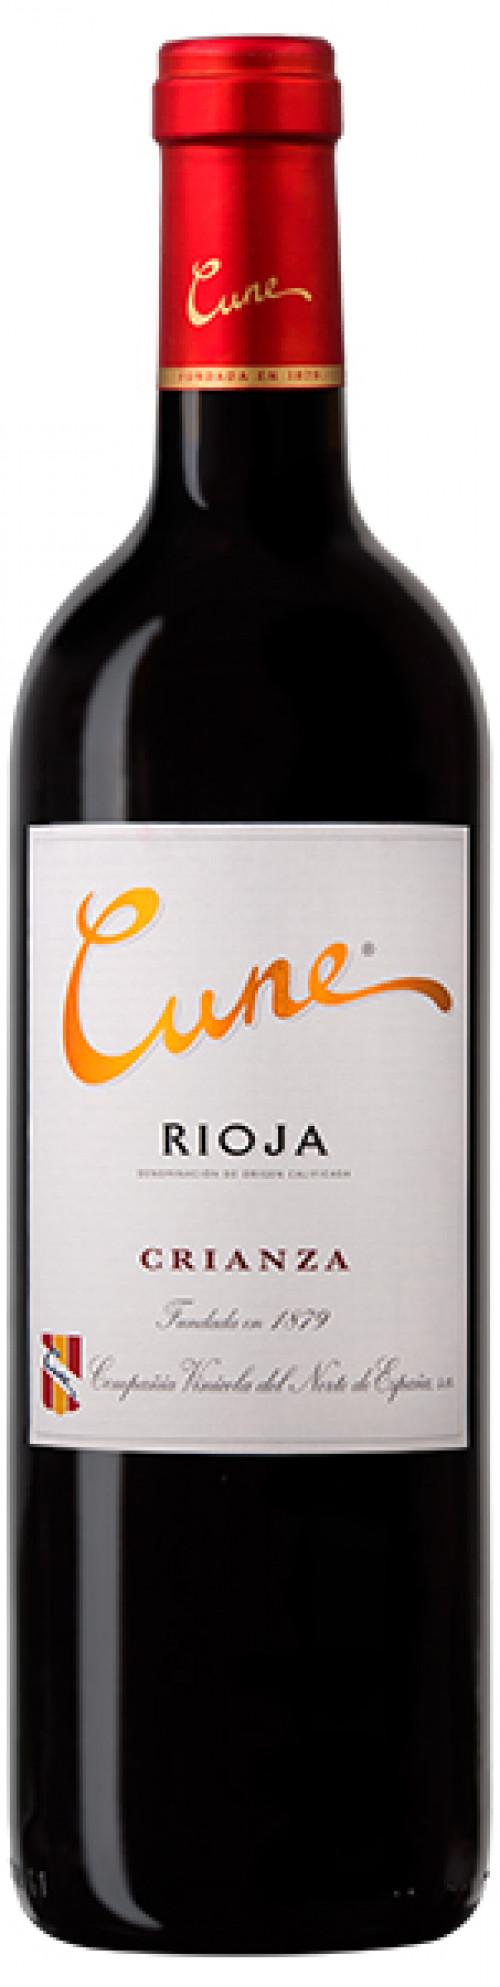 2016 Cune Rioja Crianza 750ml